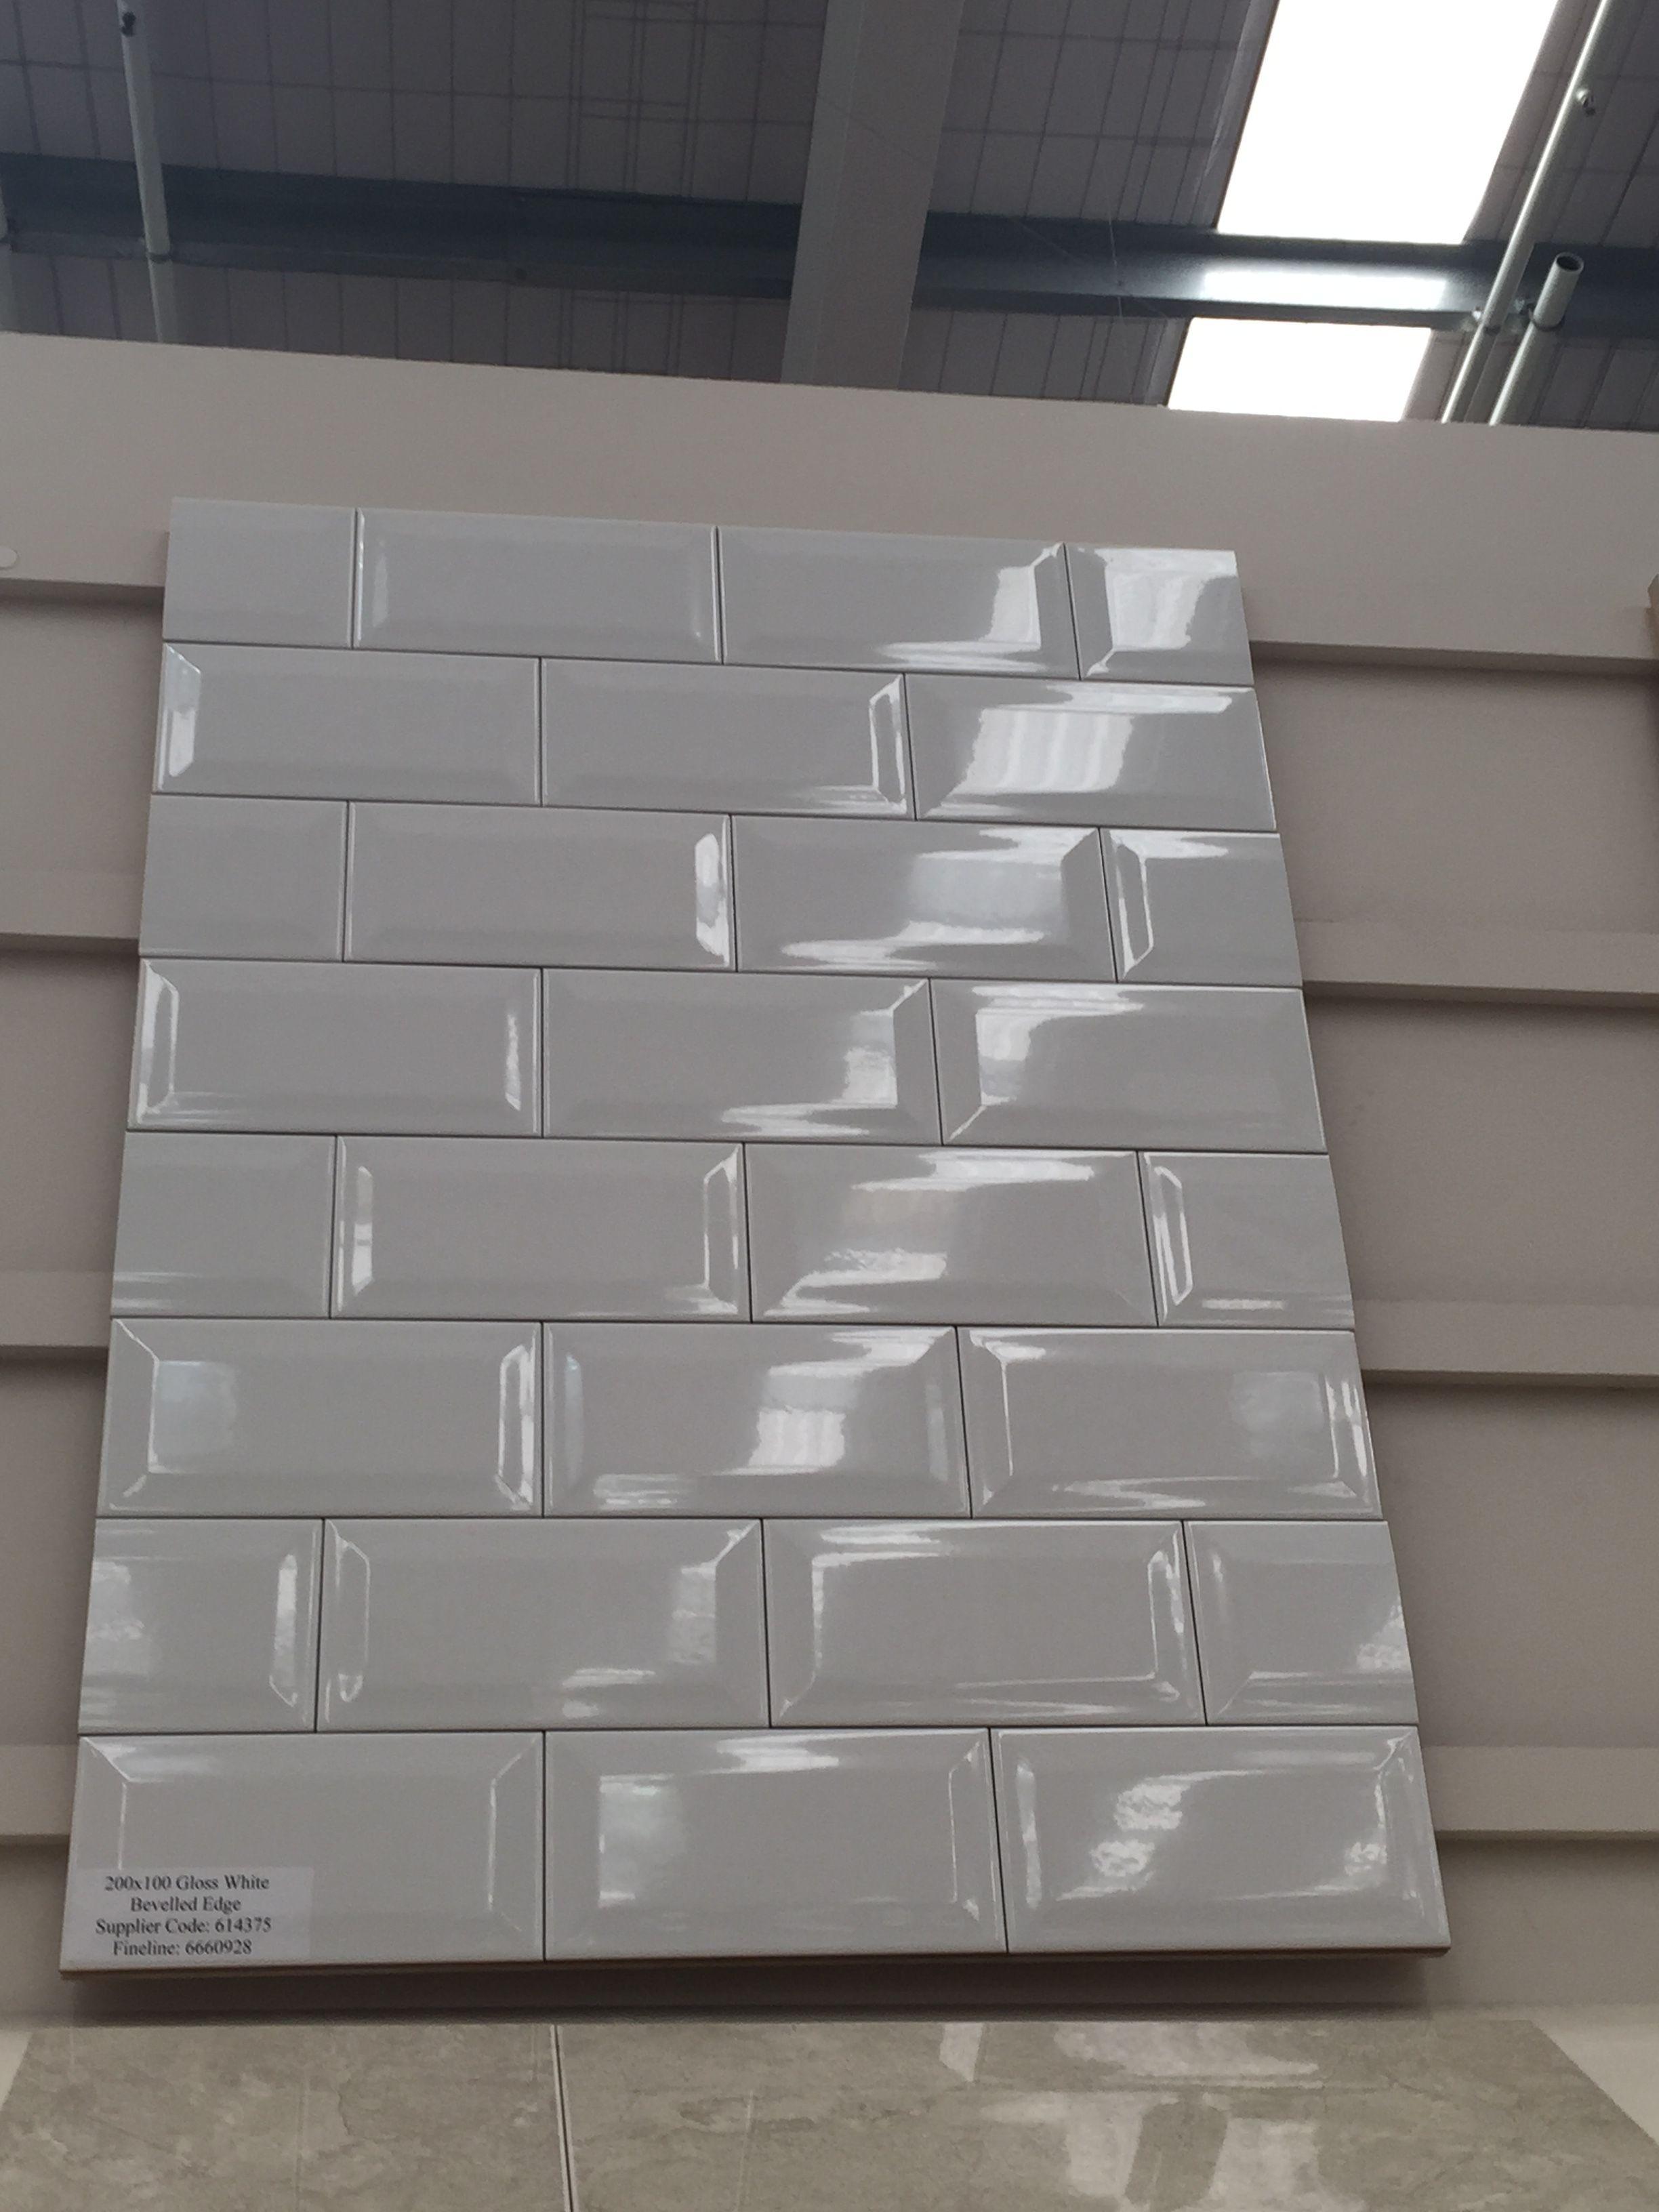 Beveled Subway Tiles Bunnings Beveled Subway Tile Office Decor